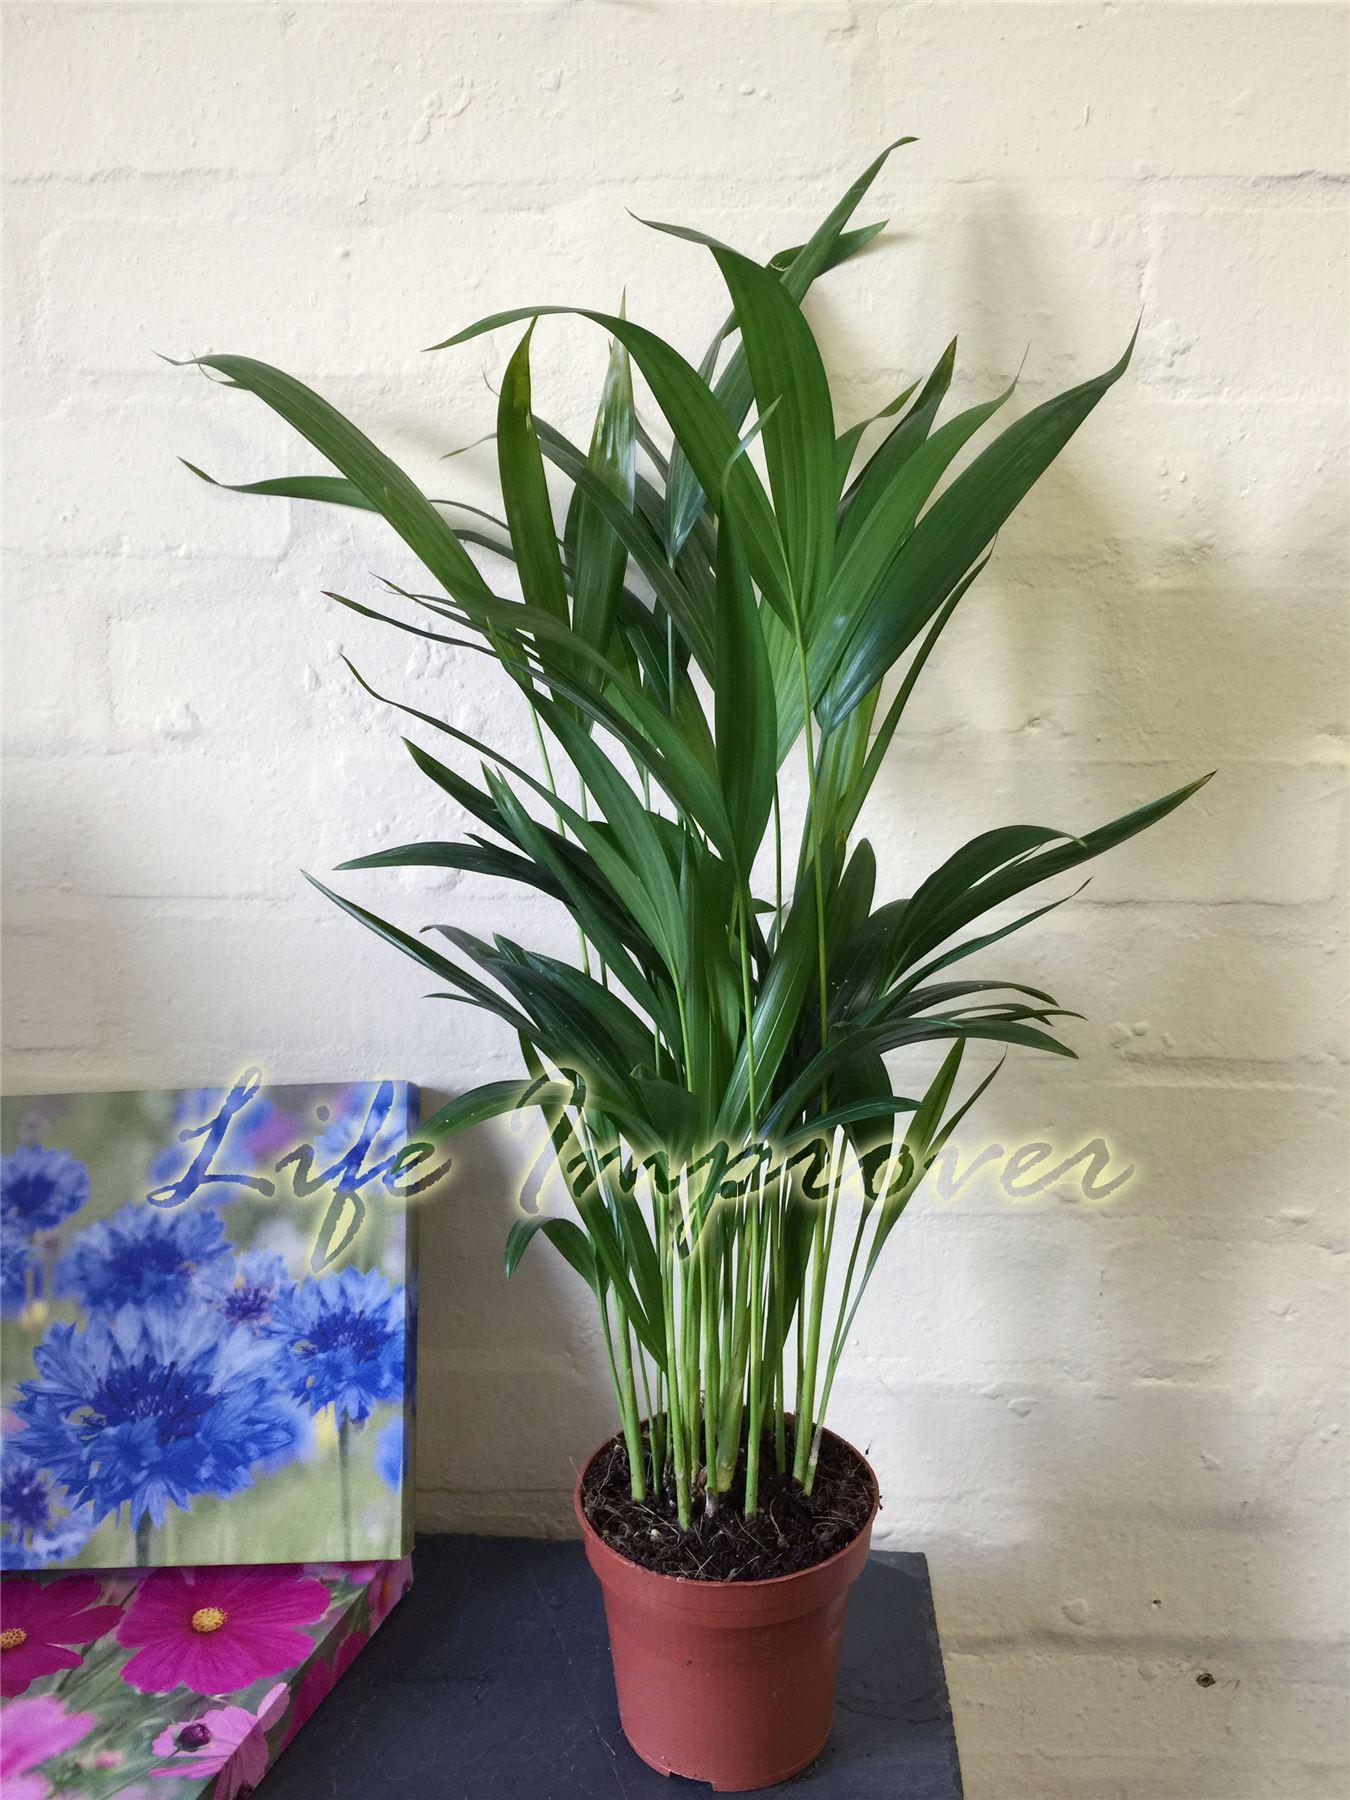 1 la palmera de areca planta en maceta de ca a palma - Planta interior palmera ...